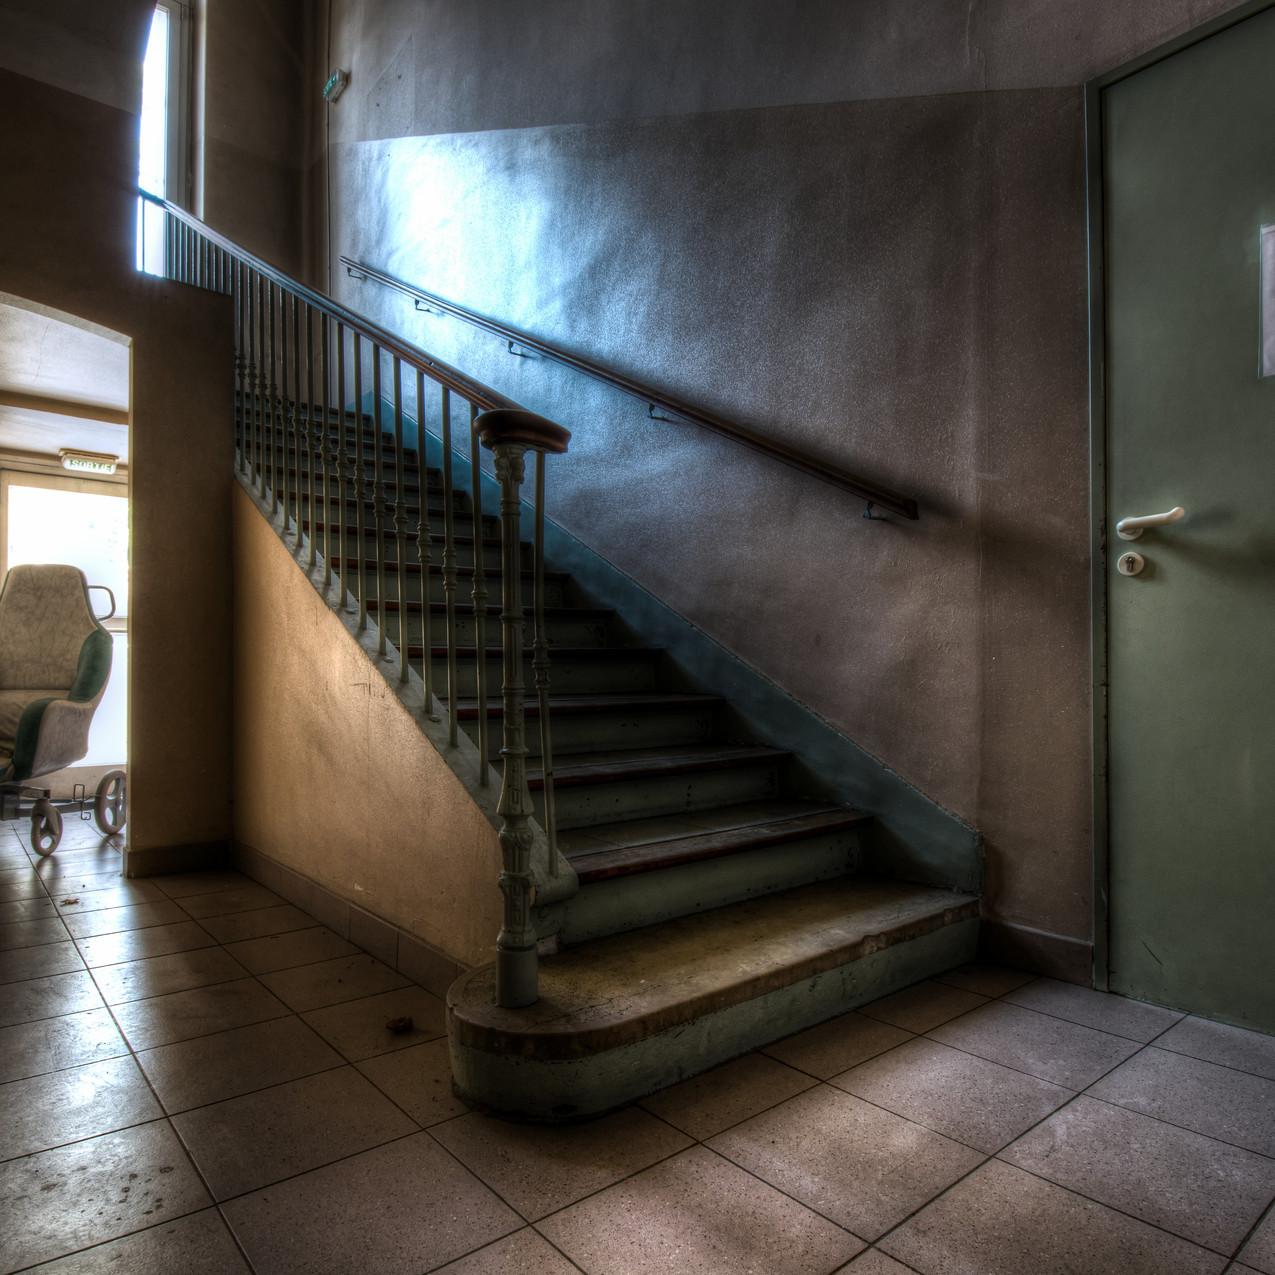 Urbex - Maison de retraite pour peluches (Longue attente, et dépression)